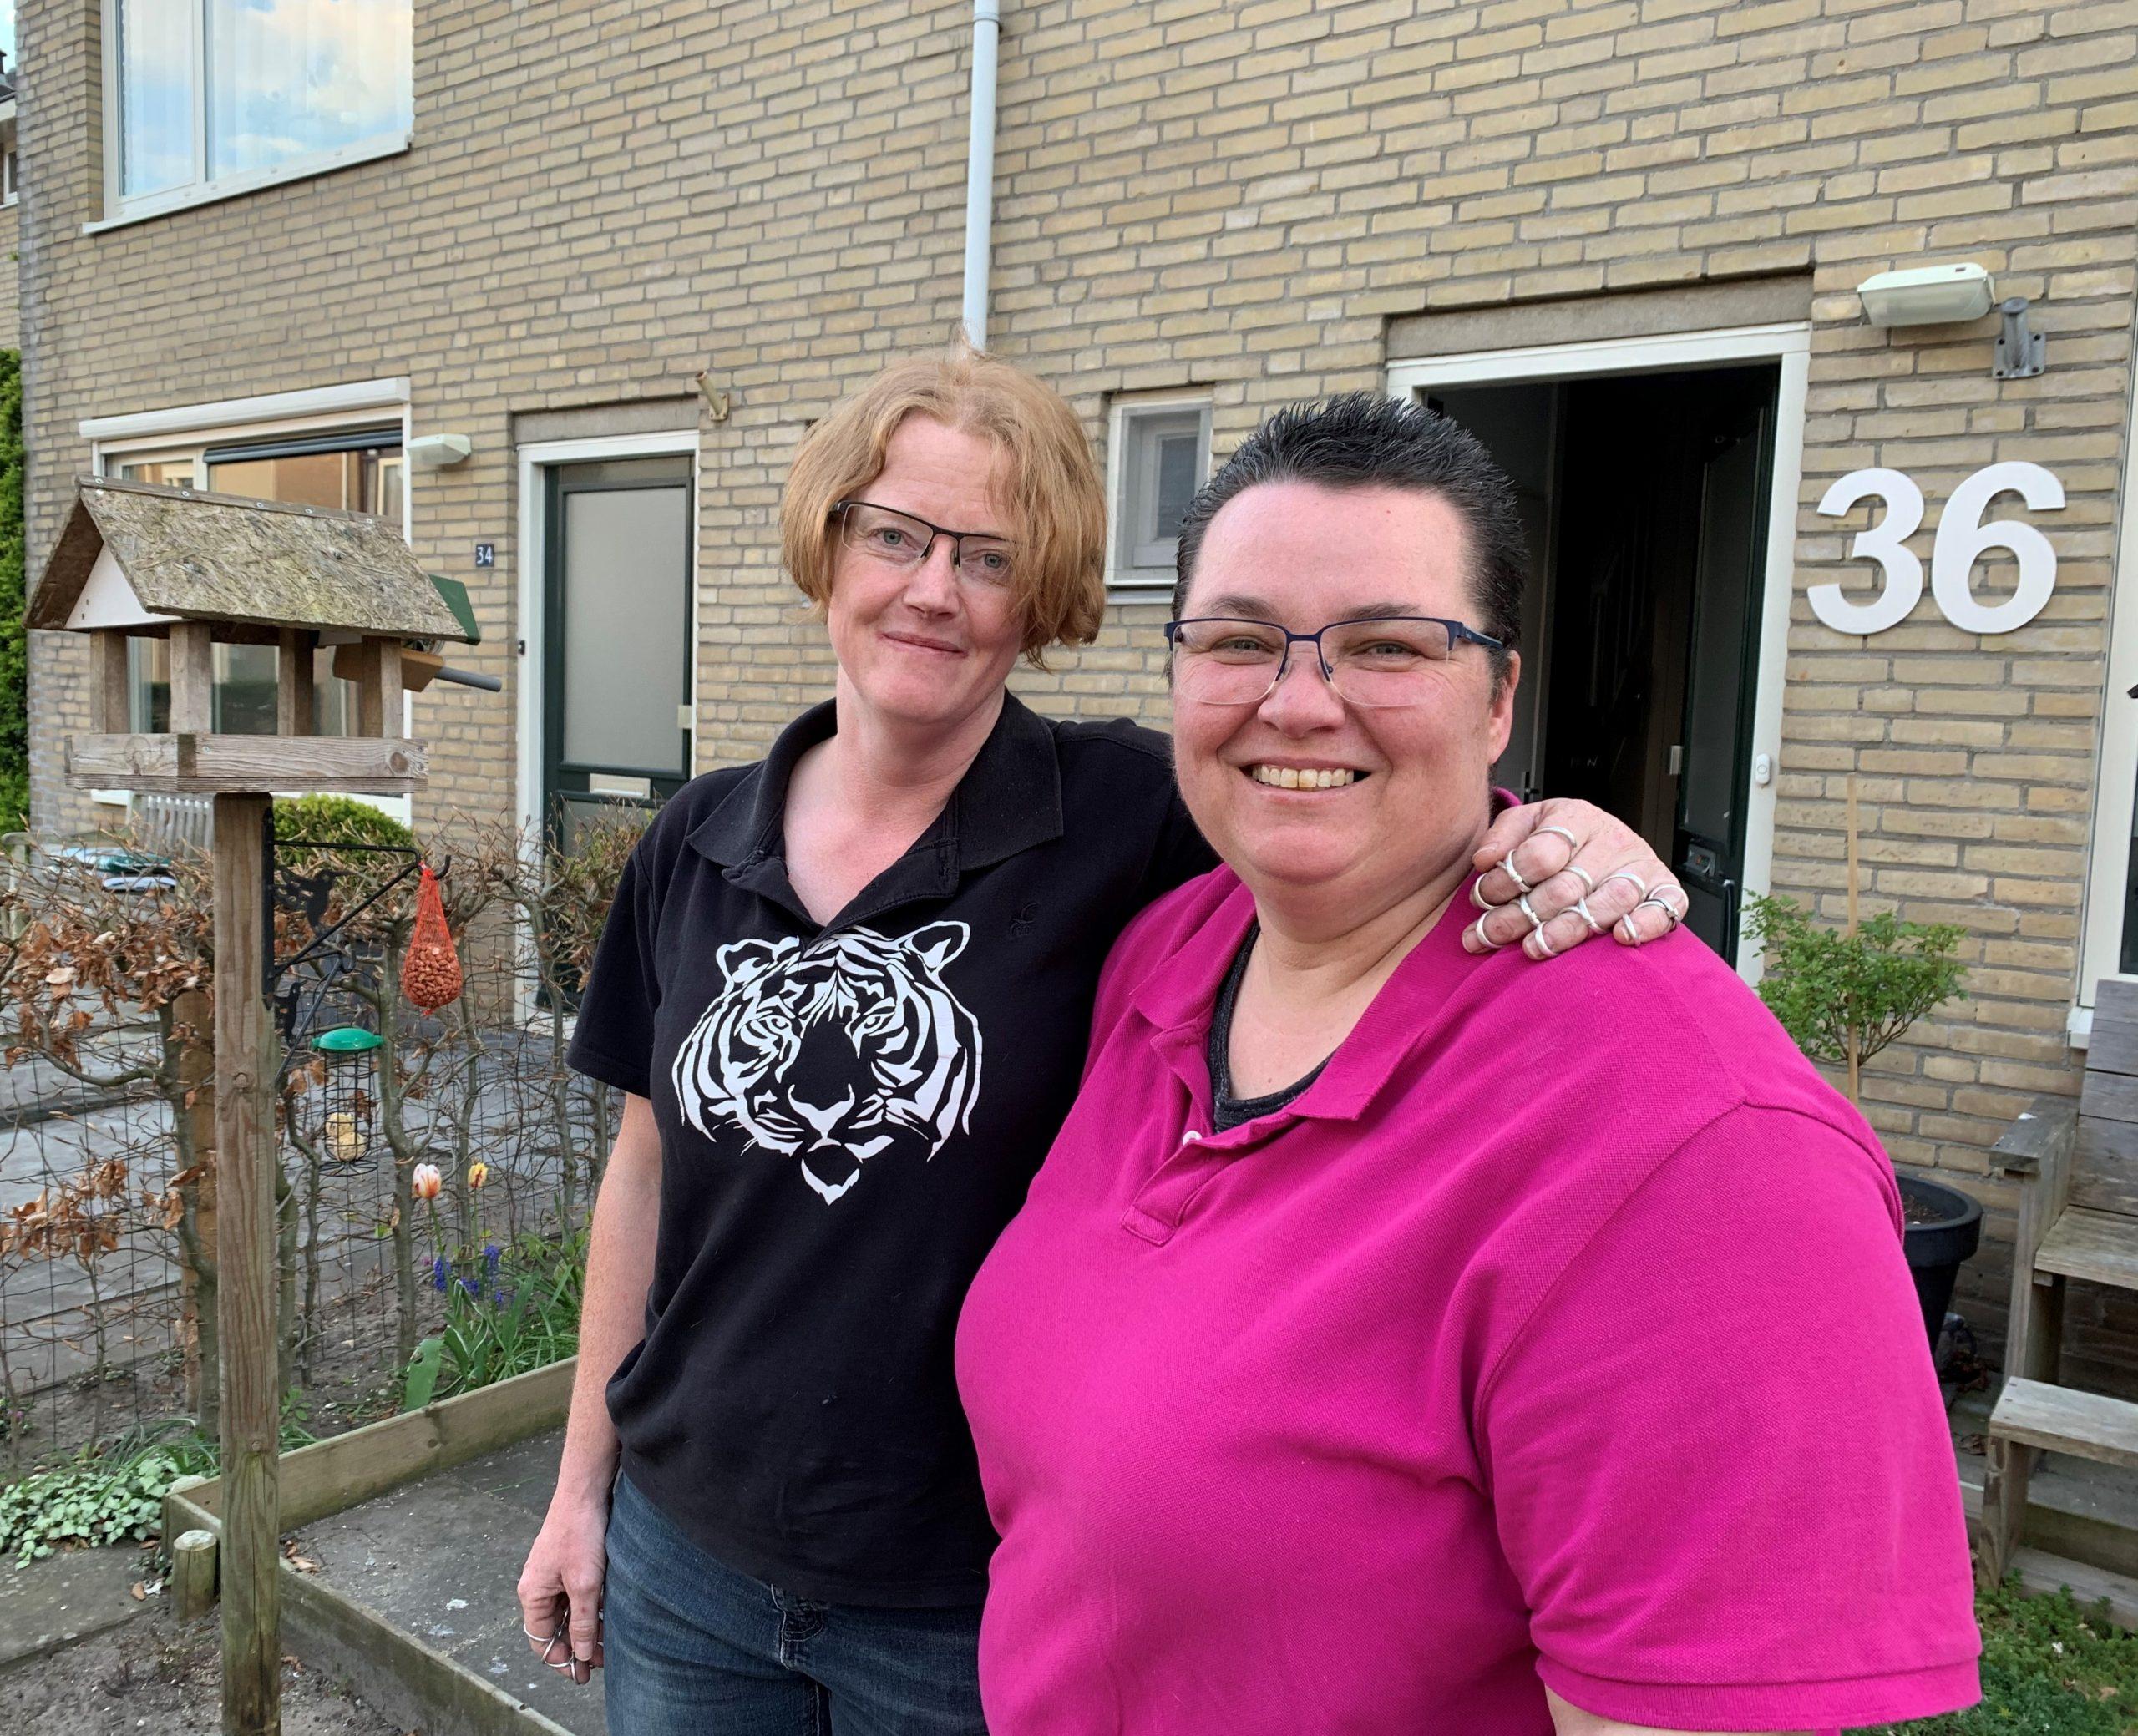 Crowdfundactie stamceltransplantatie voor Gerda Huijzer